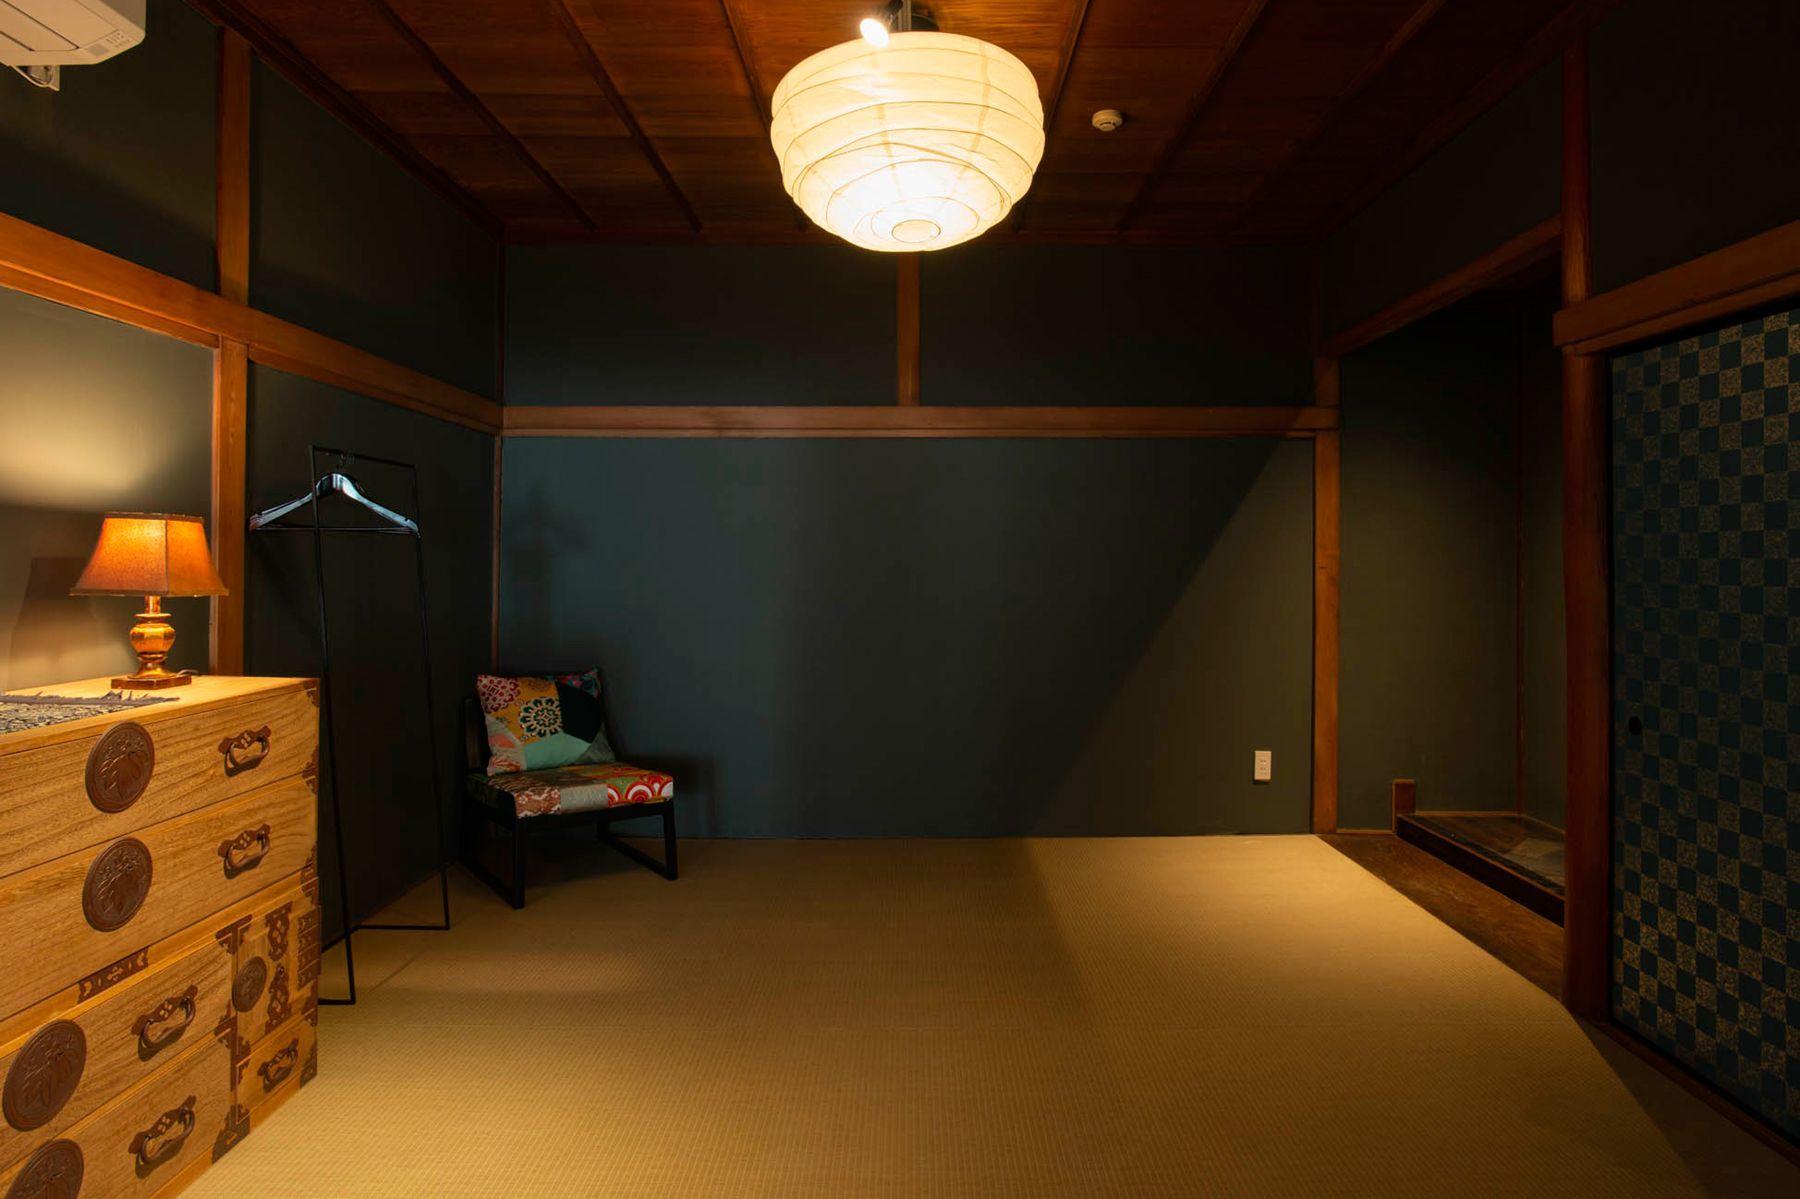 江戸端会議室 (エドバタカイギシツ)和室(8畳)机を外した状態